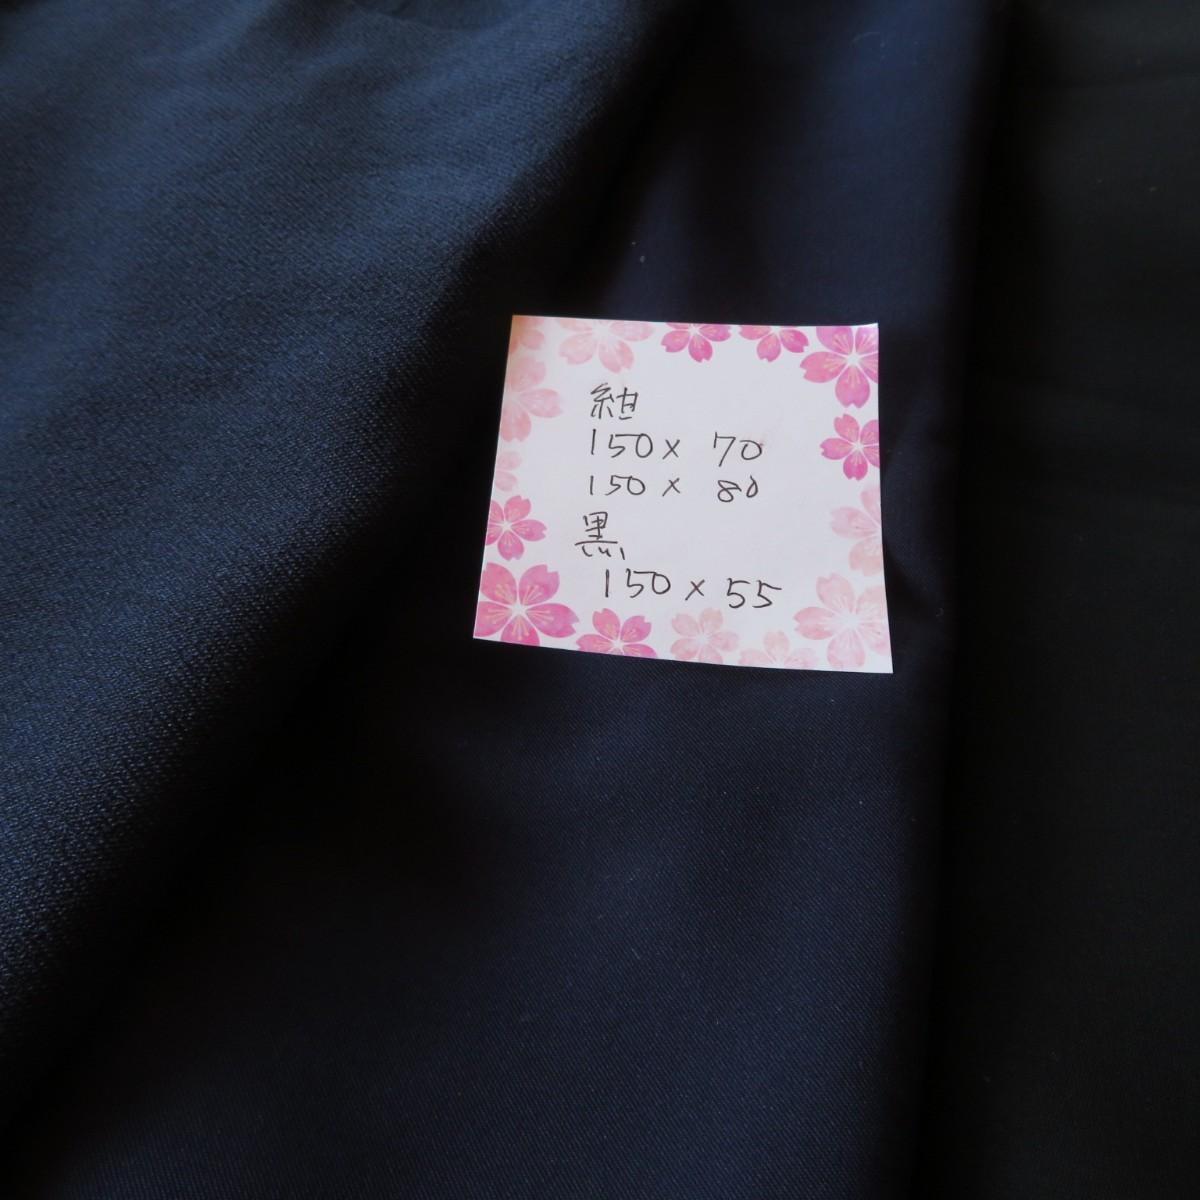 布10m以上 Kセット 生地 ハギレ ハンドメイド まとめ売り はぎれ 大量